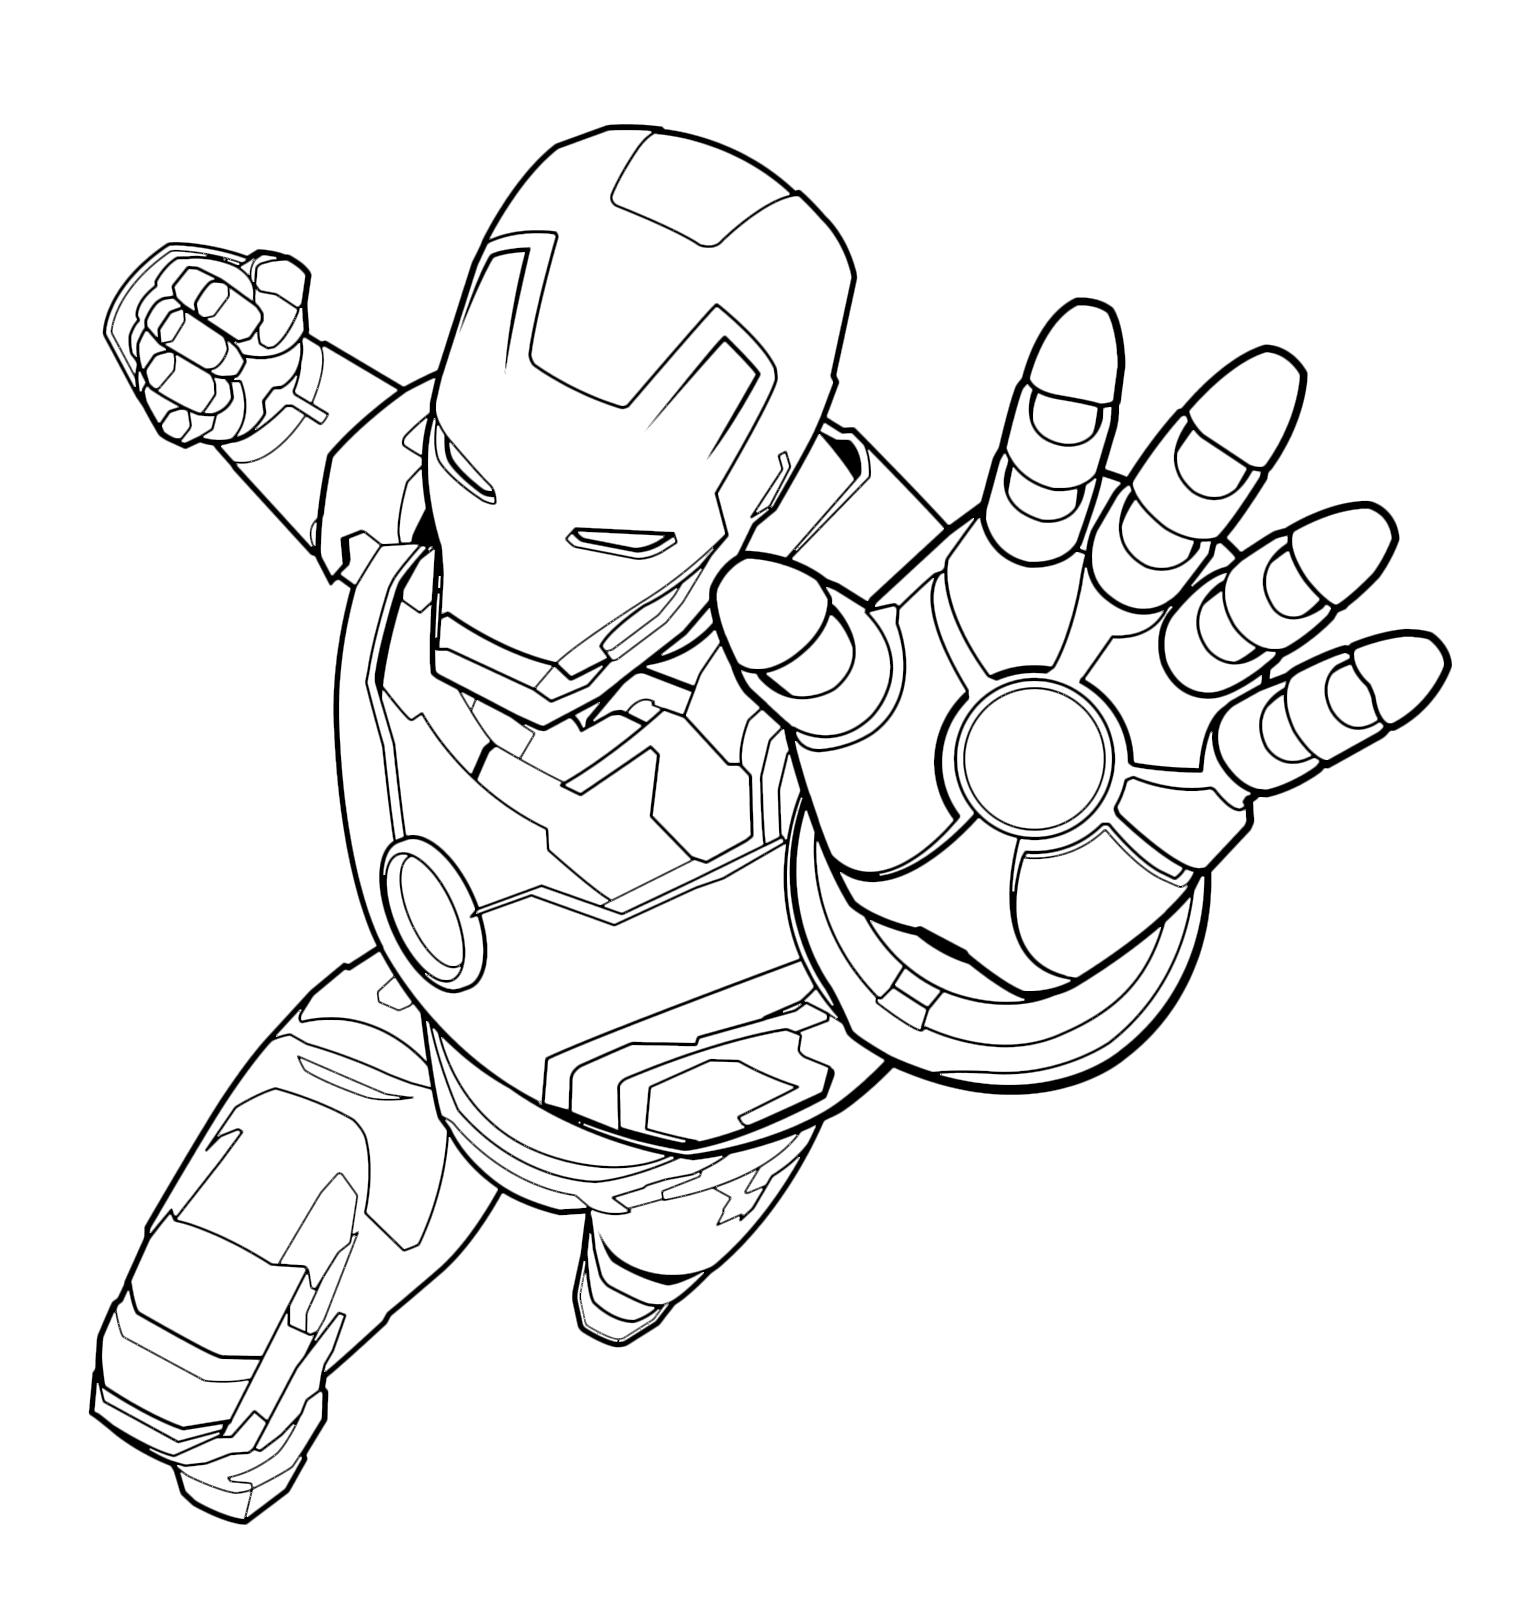 Disegni Da Colorare Con Iron Man.Iron Man Da Colorare I Coloring Page Disegni Da Colorare Disegni Libri Da Colorare